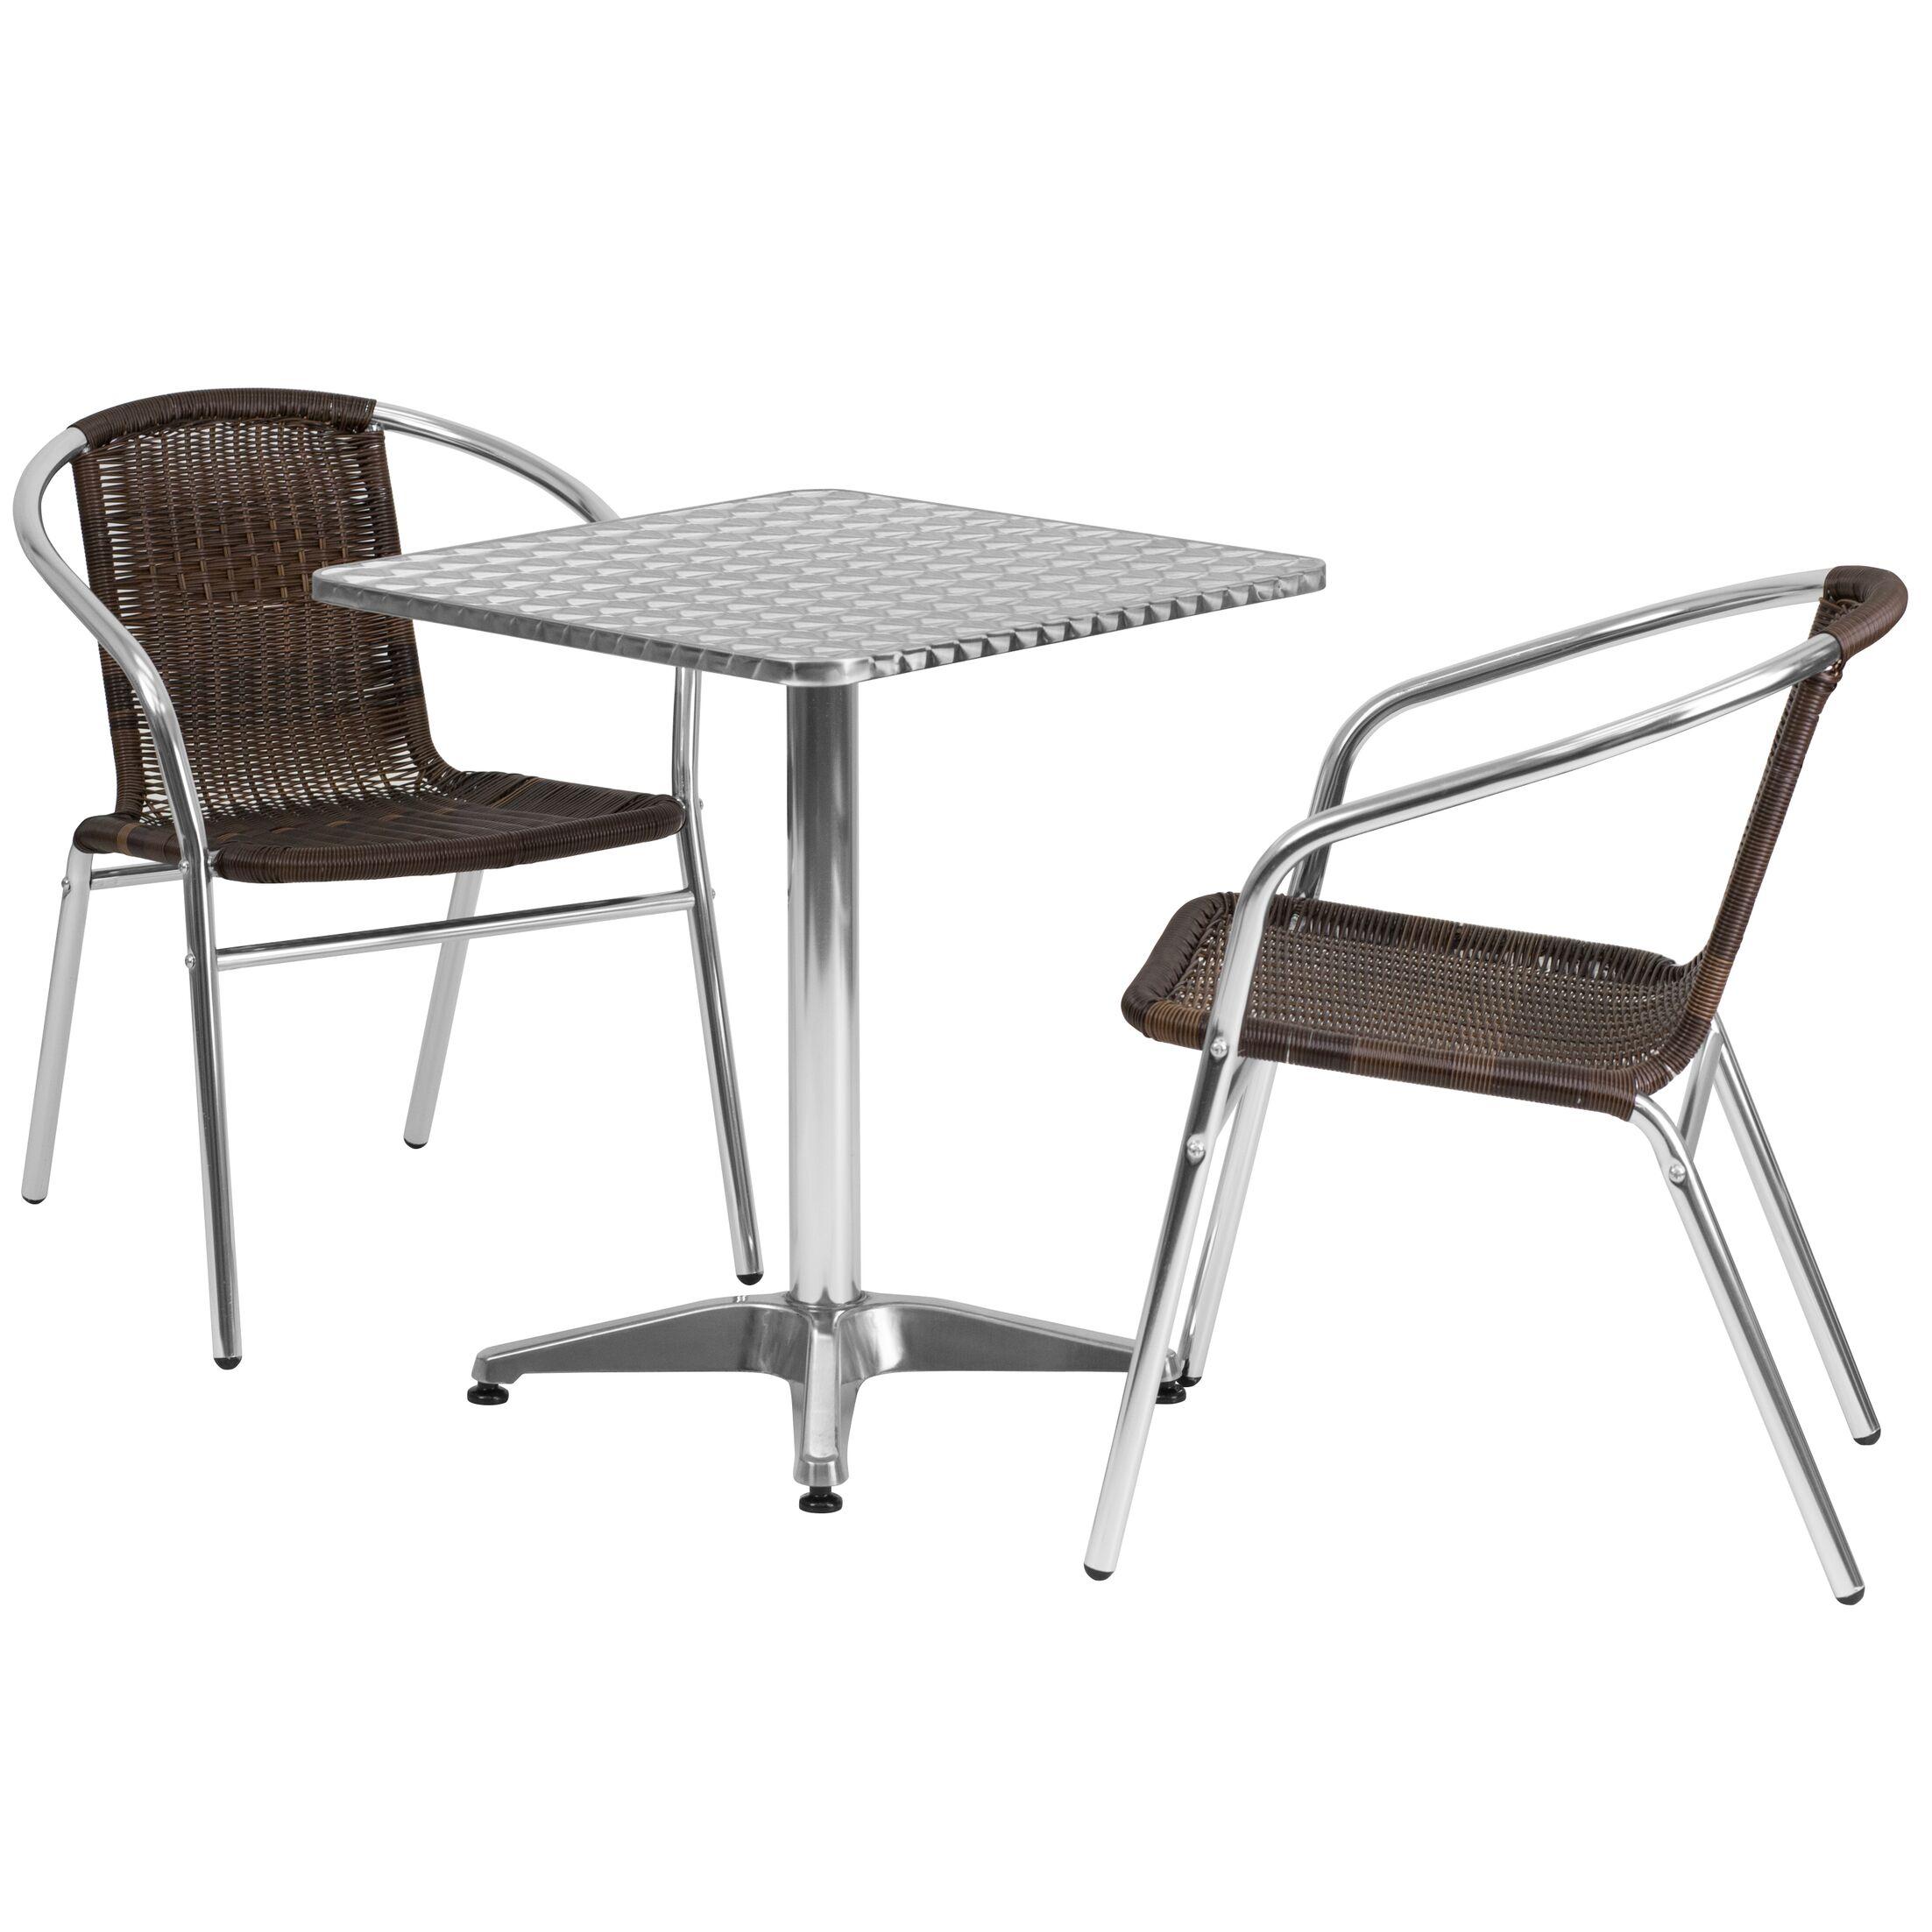 Mclendon Square 3 Piece Bistro Set Table Size: 27.25